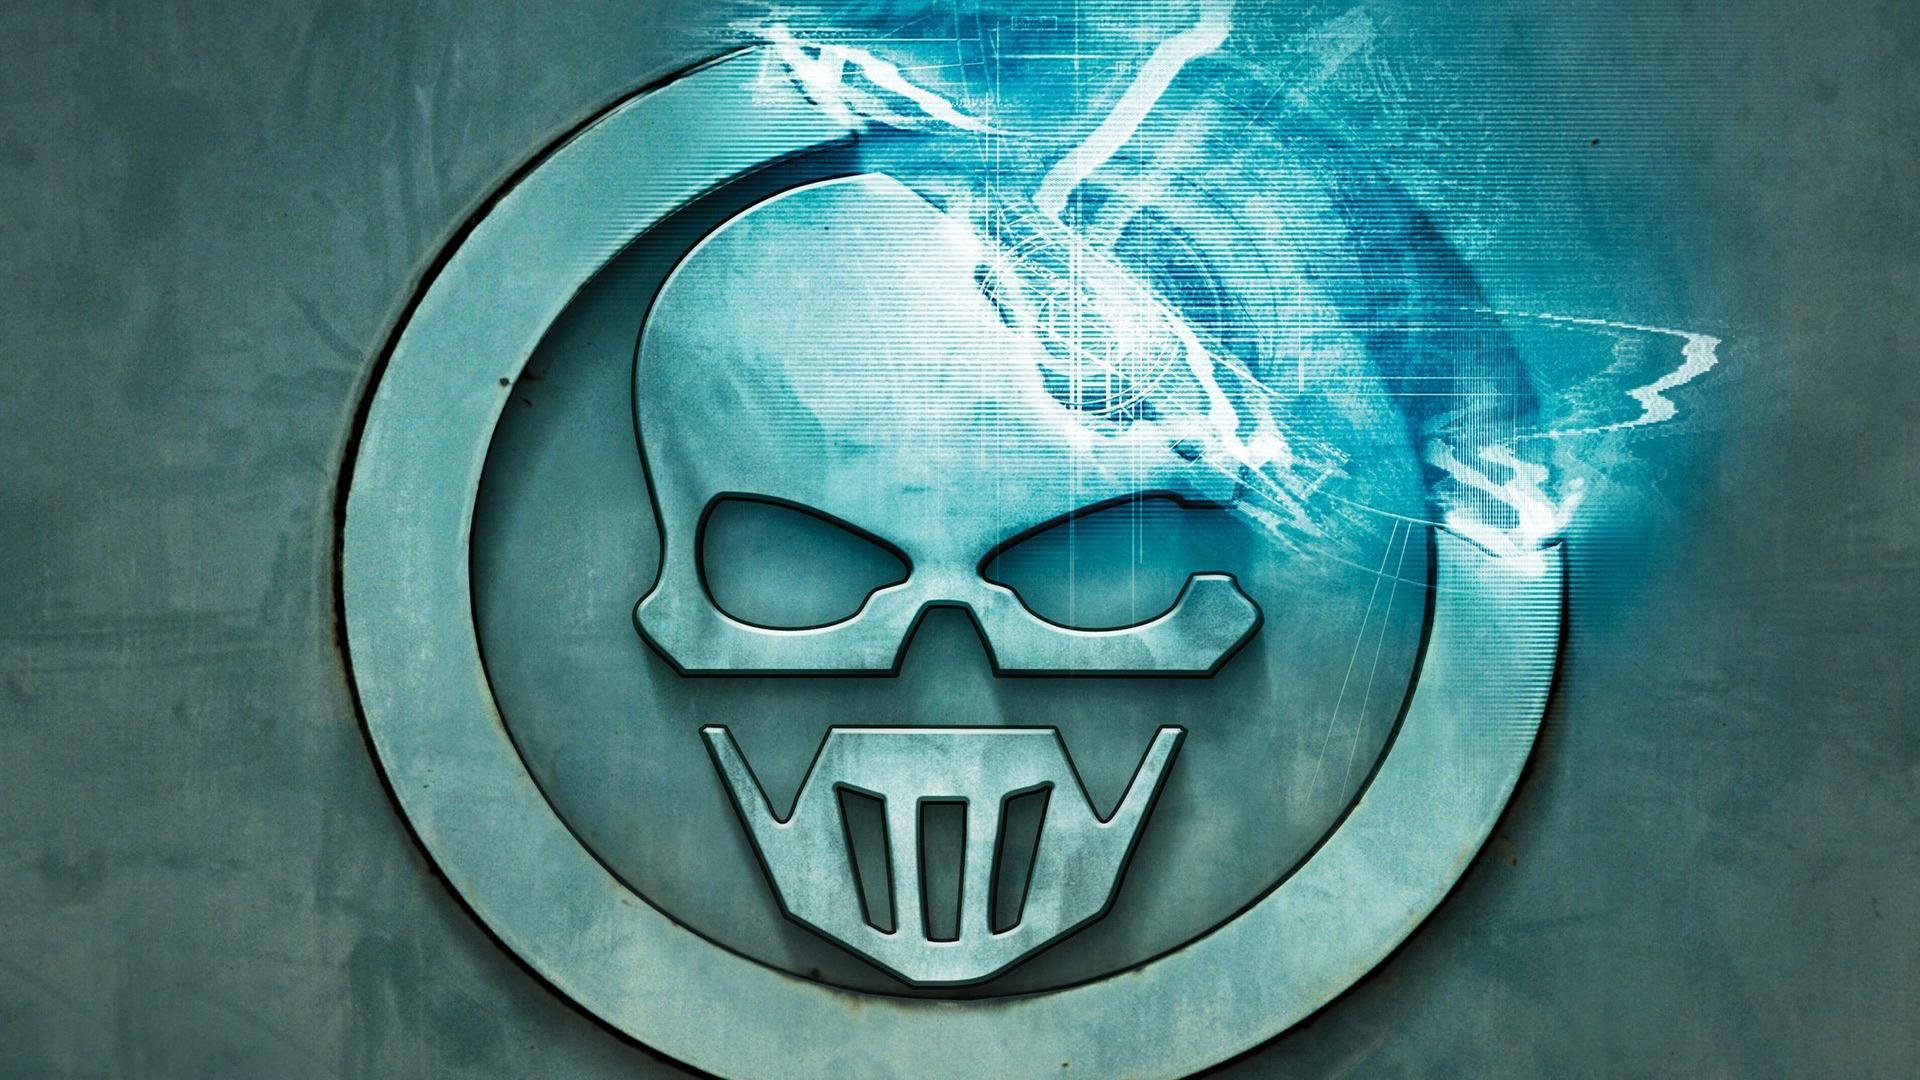 《幽灵行动:未来战士》v1.5升级档+破解补丁[SKIDROW]